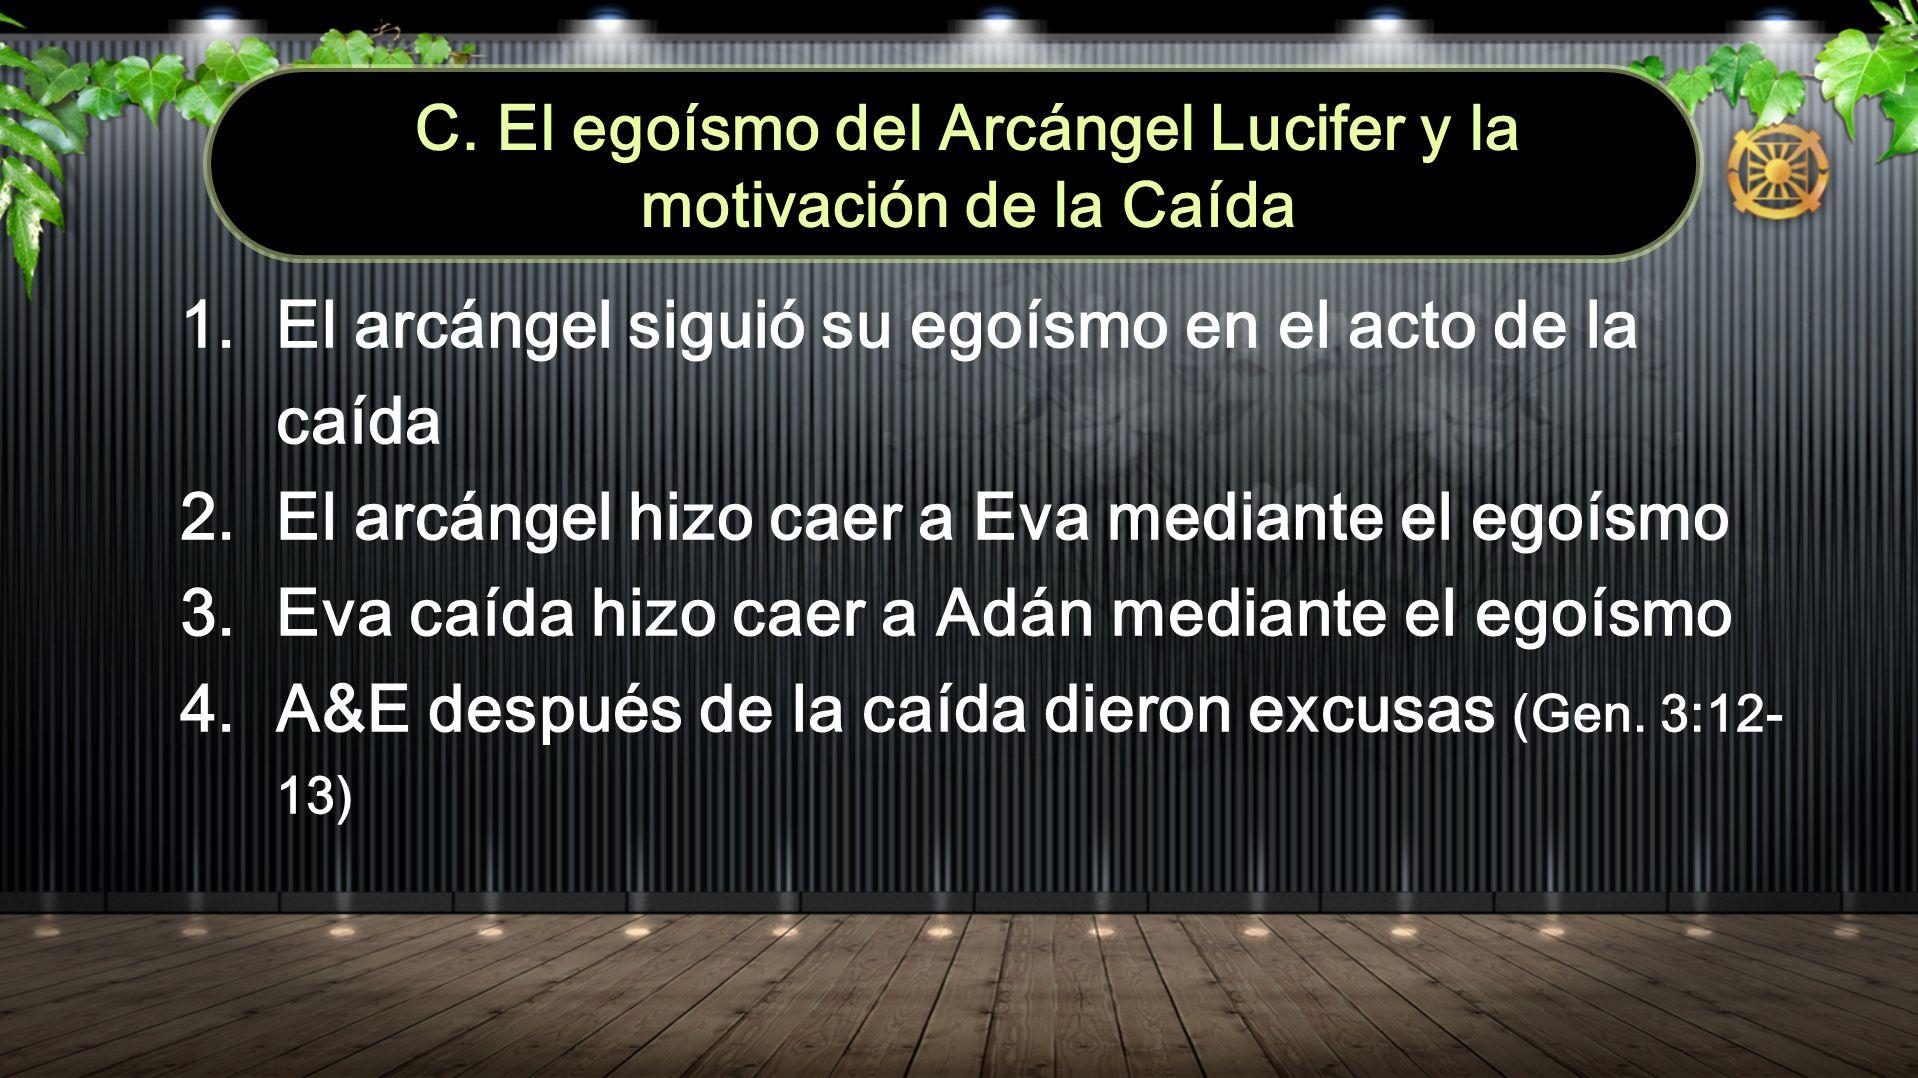 C. El egoísmo del Arcángel Lucifer y la motivación de la Caída 1. El arcángel siguió su egoísmo en el acto de la caída 2. El arcángel hizo caer a Eva